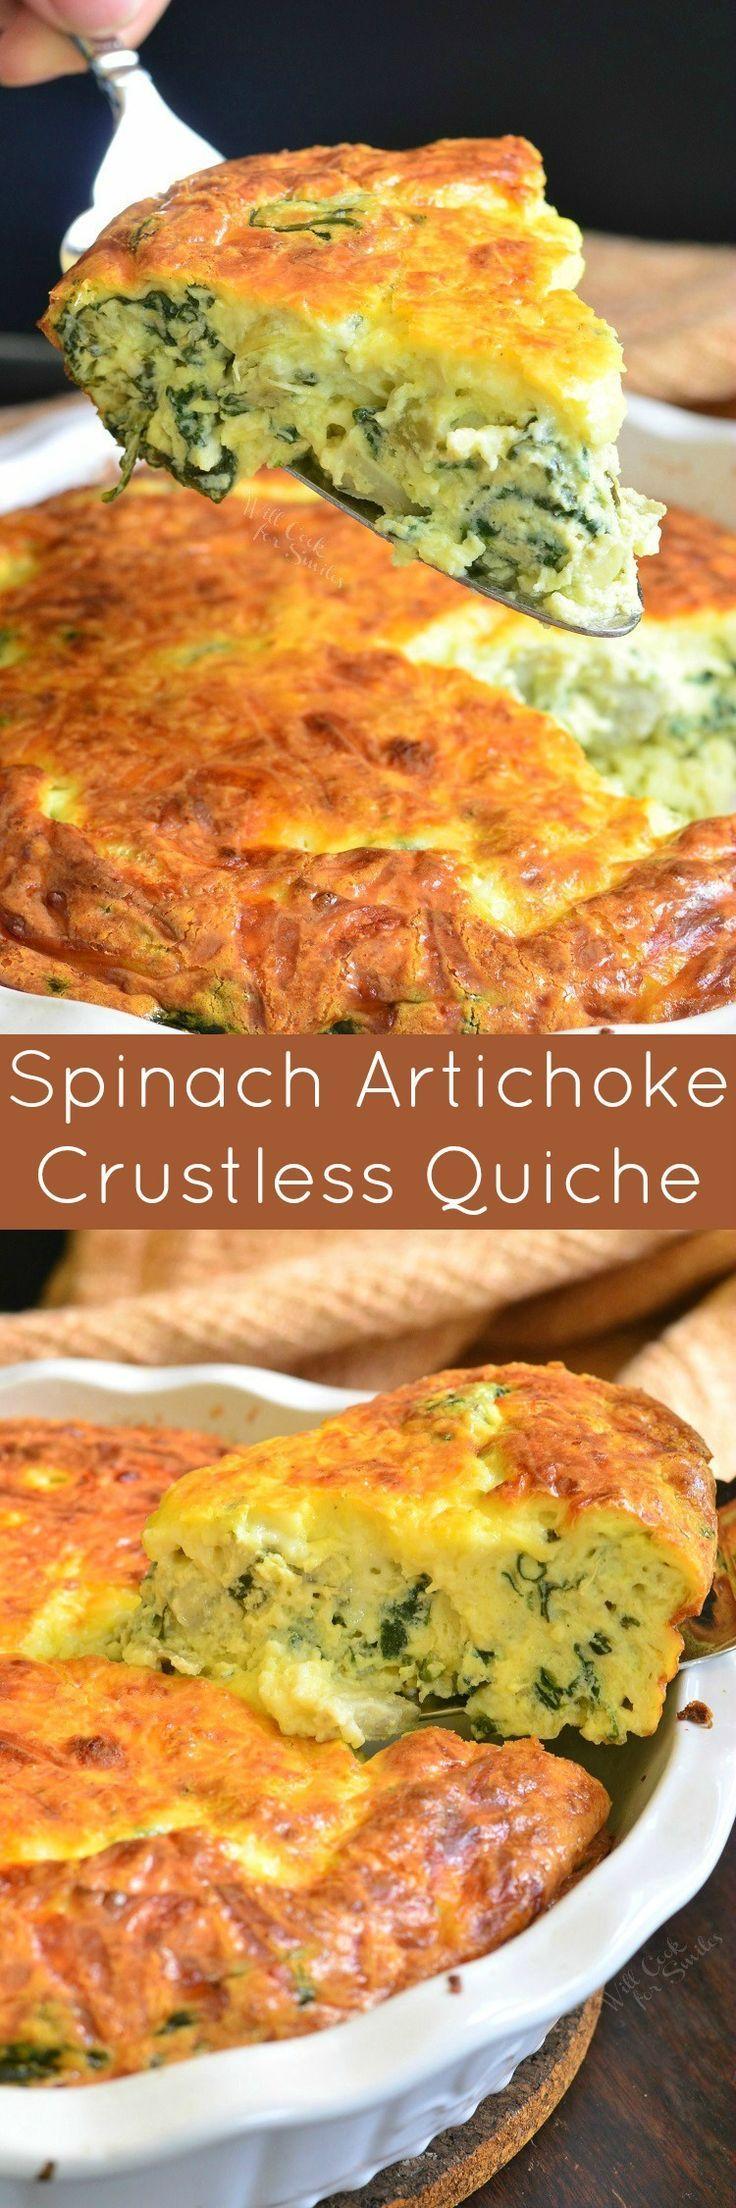 Blue apron quiche artichoke - Spinach Artichoke Crustless Quiche